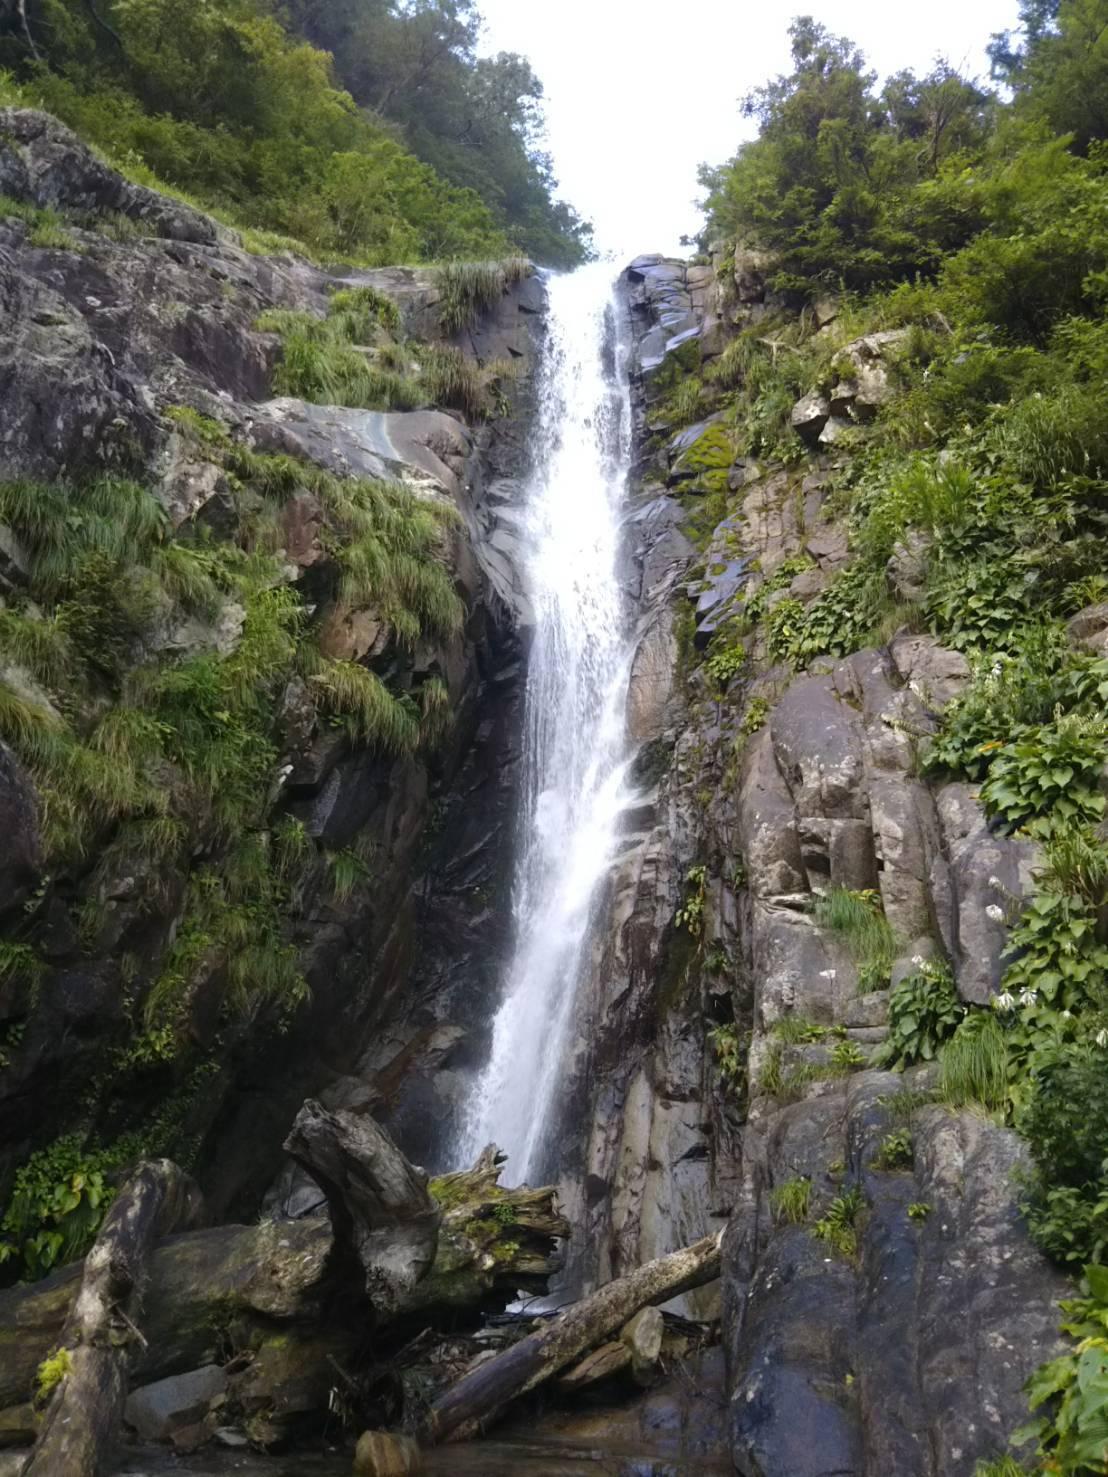 荒島岳 仏御前の滝 沢登り_c0192058_22202246.jpeg